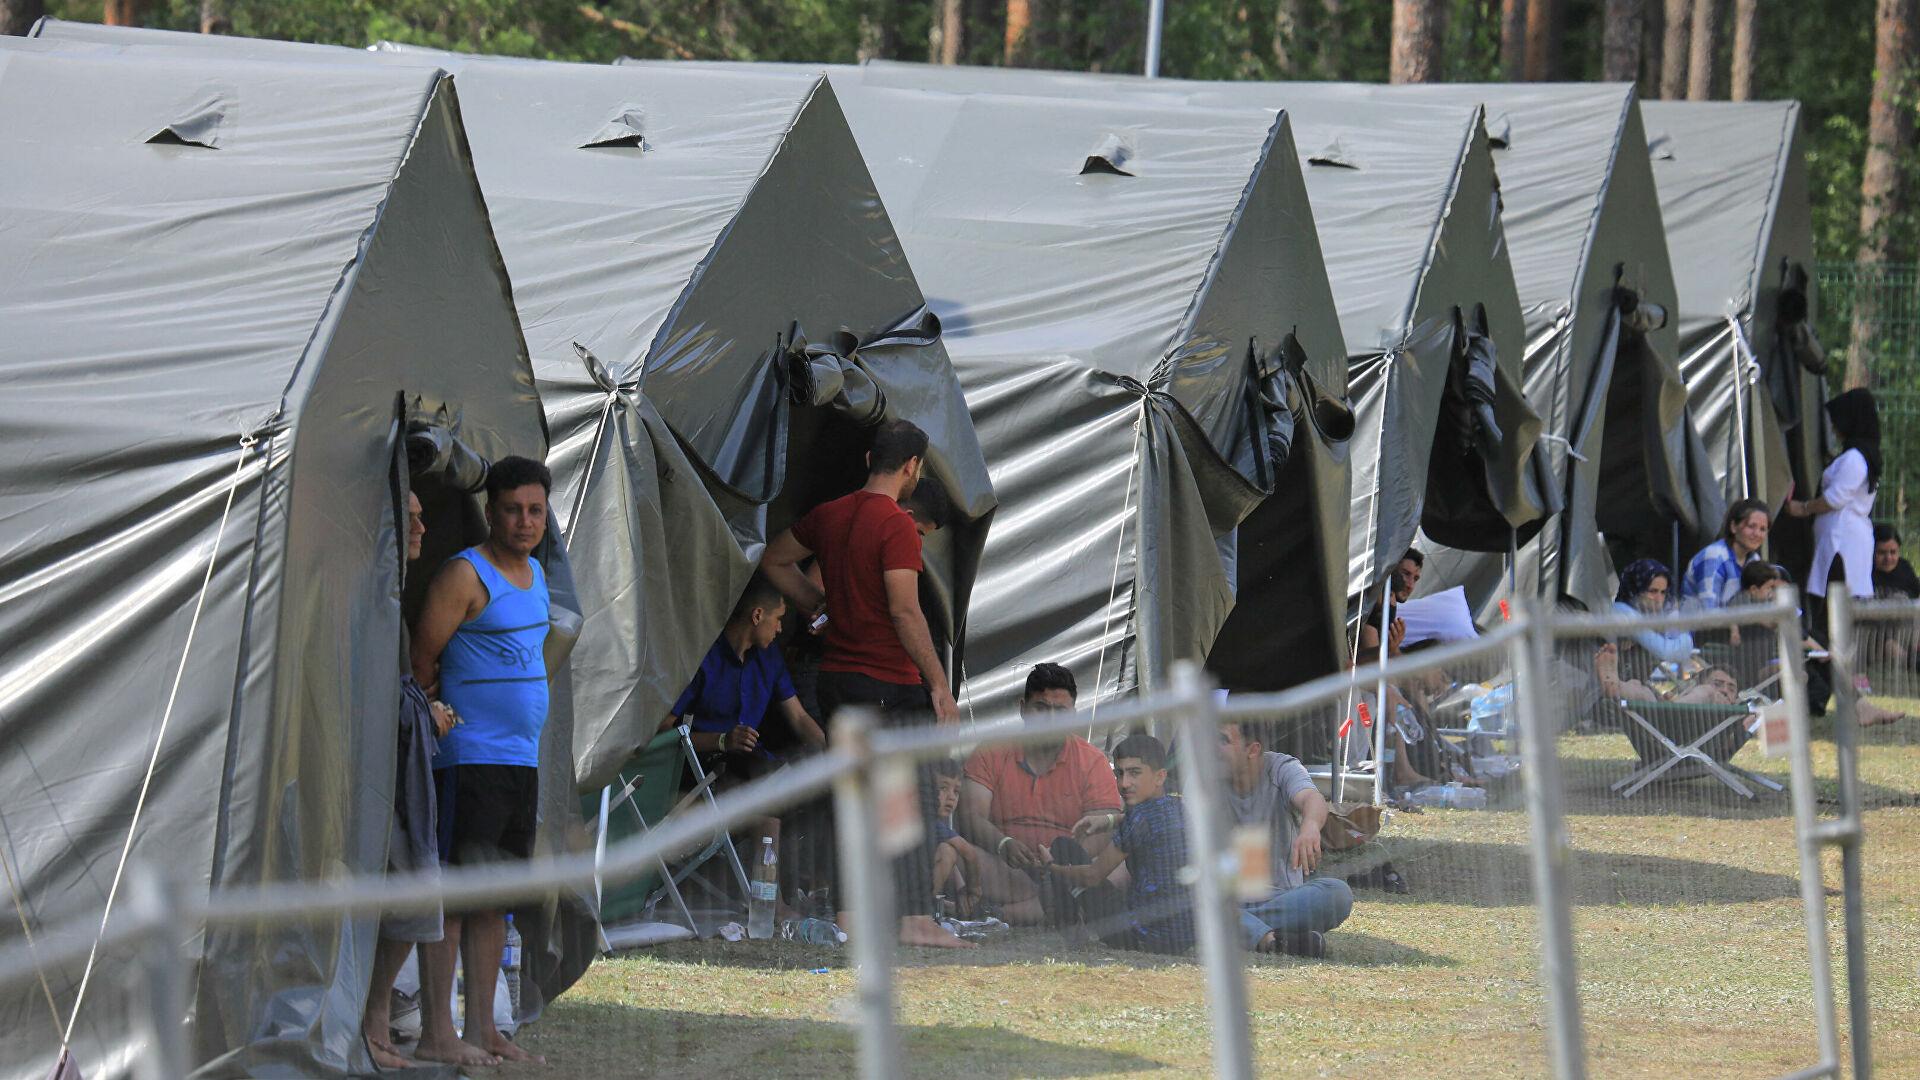 Польша направила гуманитарную помощь Литве в связи с наплывом нелегальных мигрантов